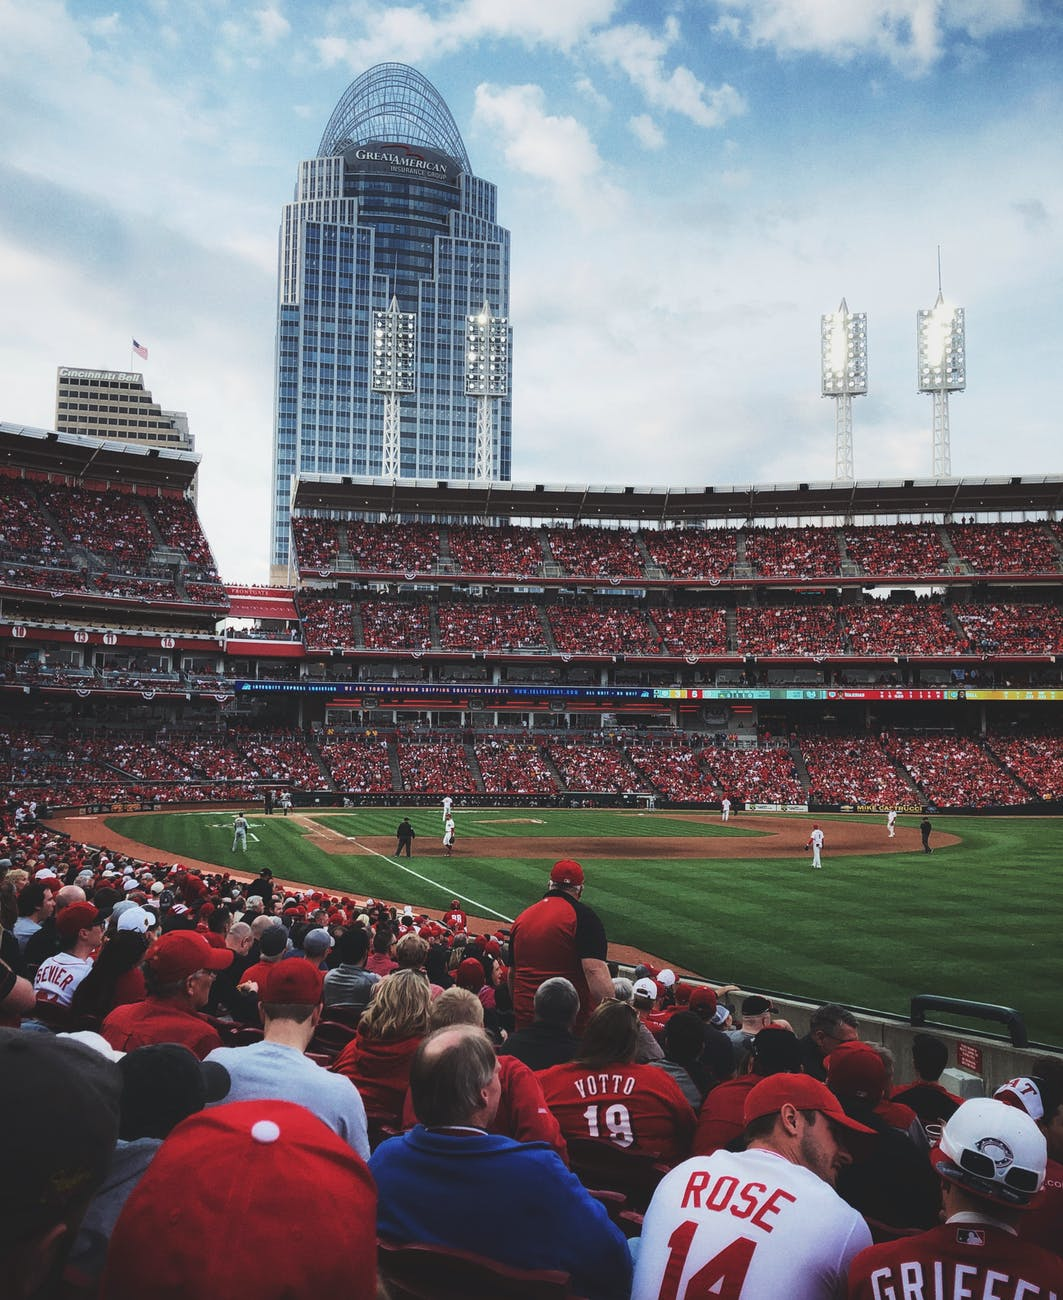 baseball match